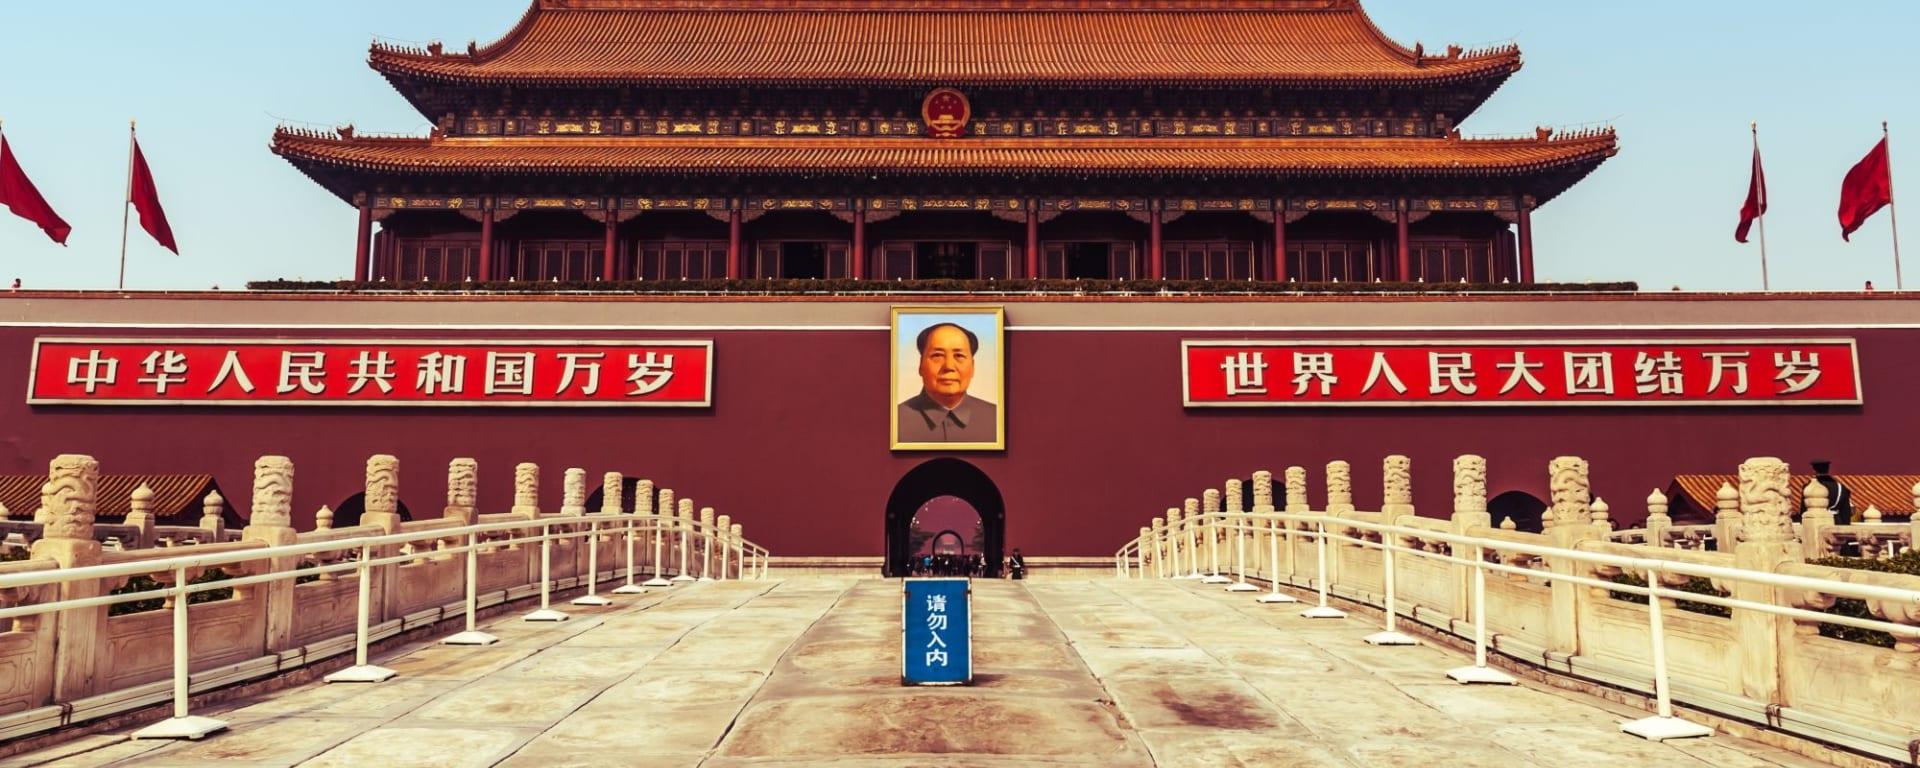 Peking zu Fuss entdecken: Beijing Tiananmen Square